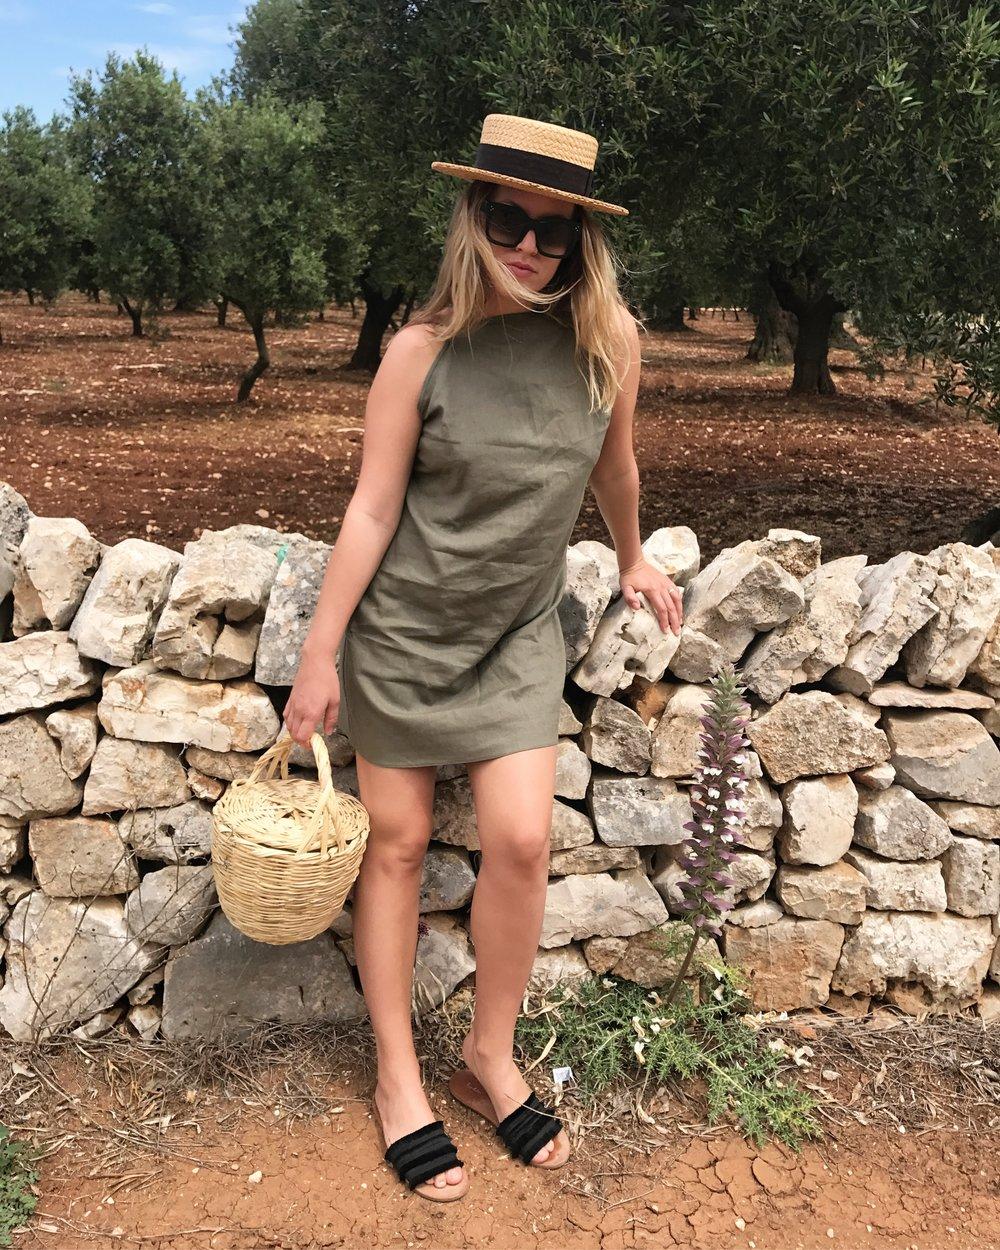 Beaux Italian Summer || thebeauxjournals.com